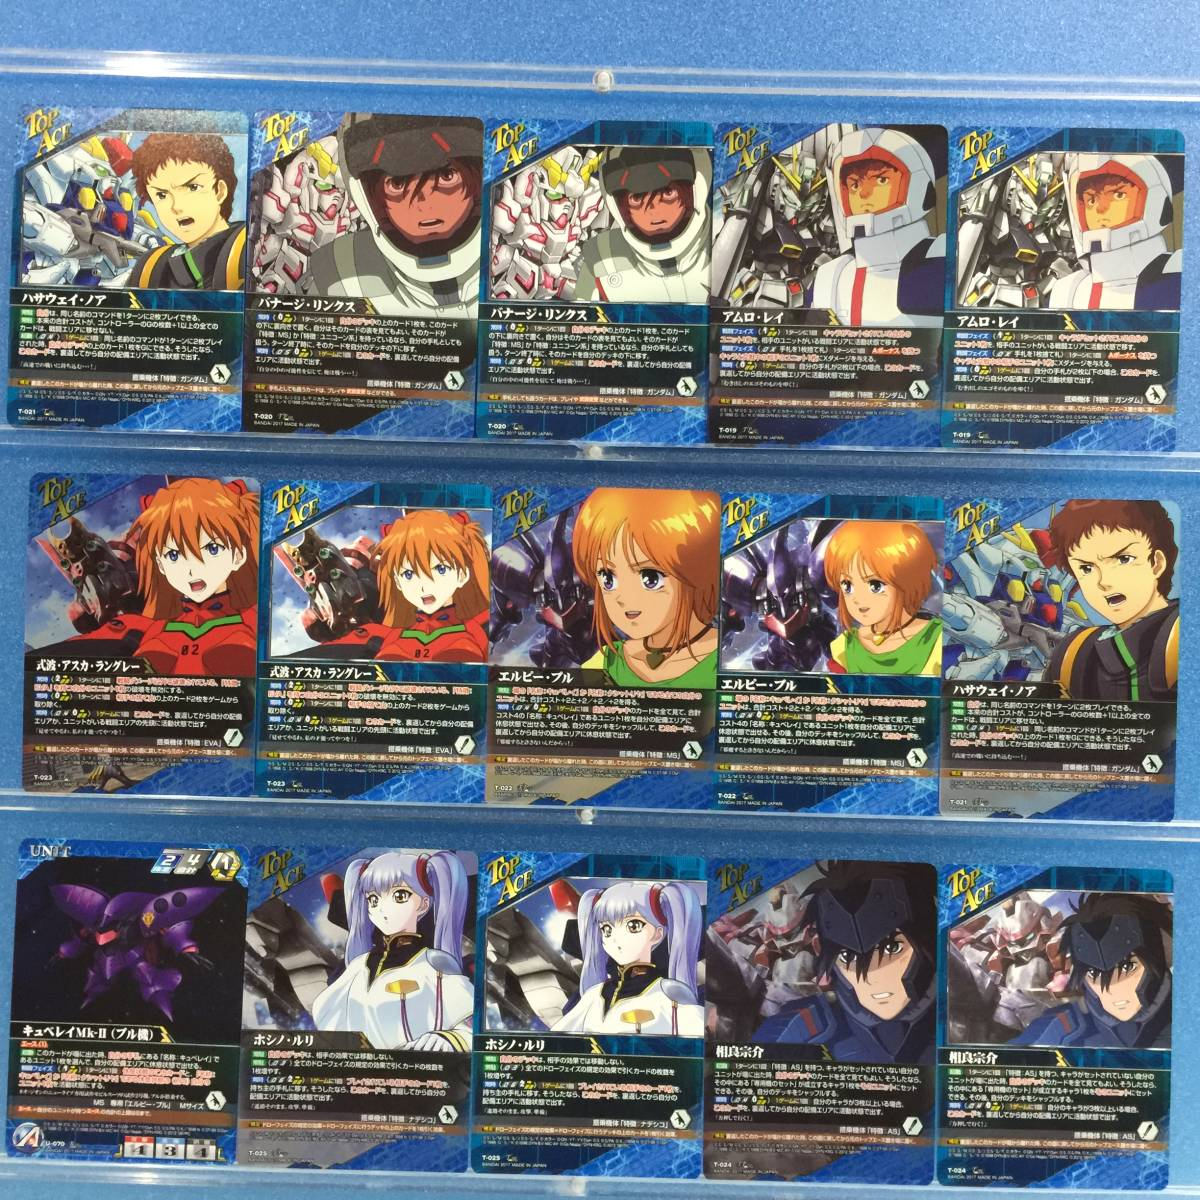 【Crusade】スーパーロボット大戦Vクルセイド 第2弾 ~果て無き激戦~(SRW-CB02) フルコンプ167枚 (全113種+パラレル54種)